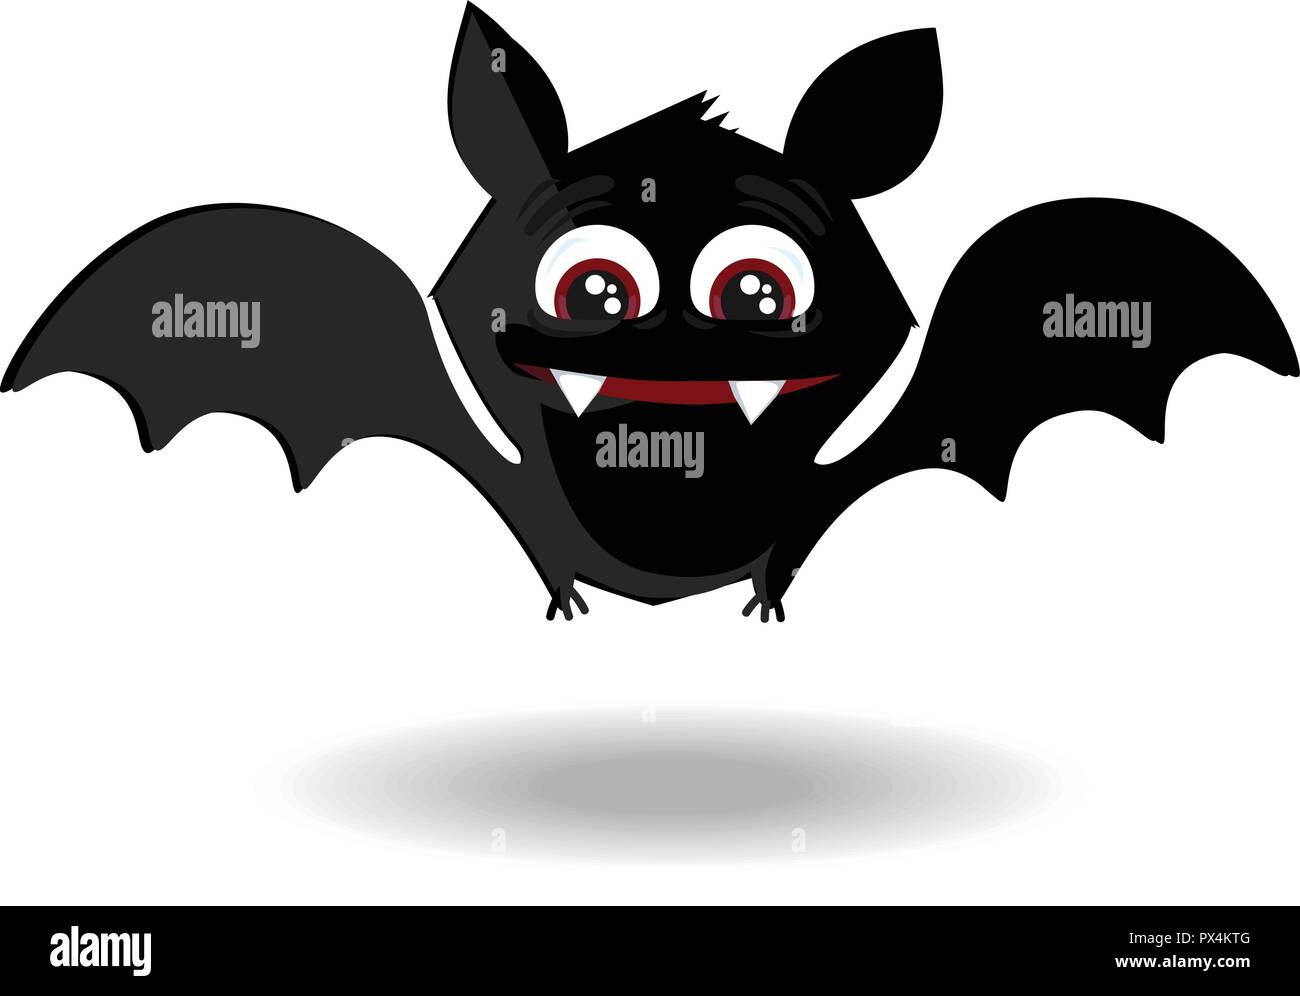 A Picture Of A Cartoon Bat cartoon bat stock photos & cartoon bat stock images - alamy